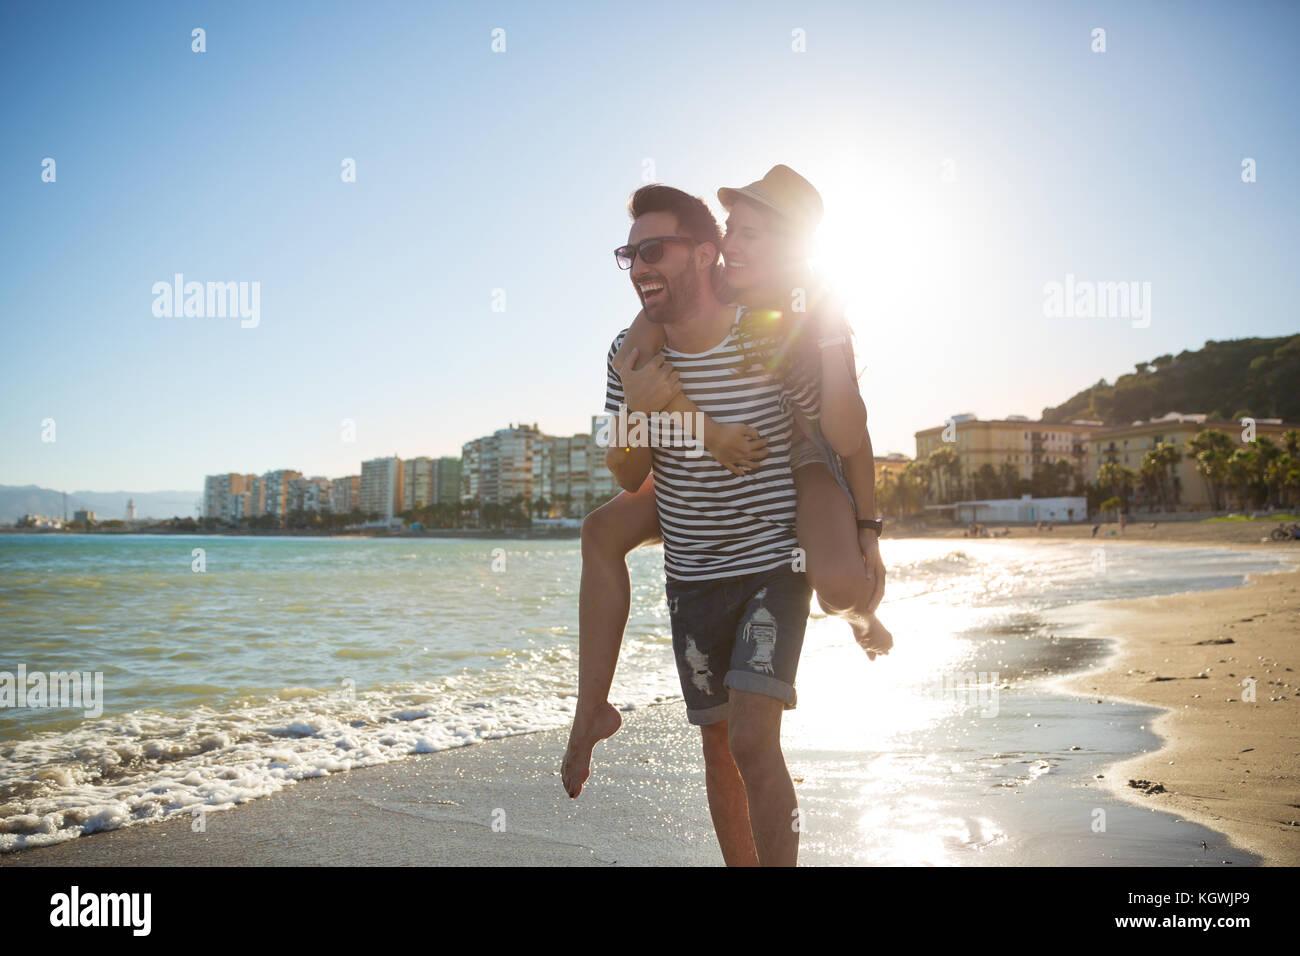 Portrait von glücklichen Mann seiner Freundin ein Huckepack in der Sonne am Strand, Stockbild